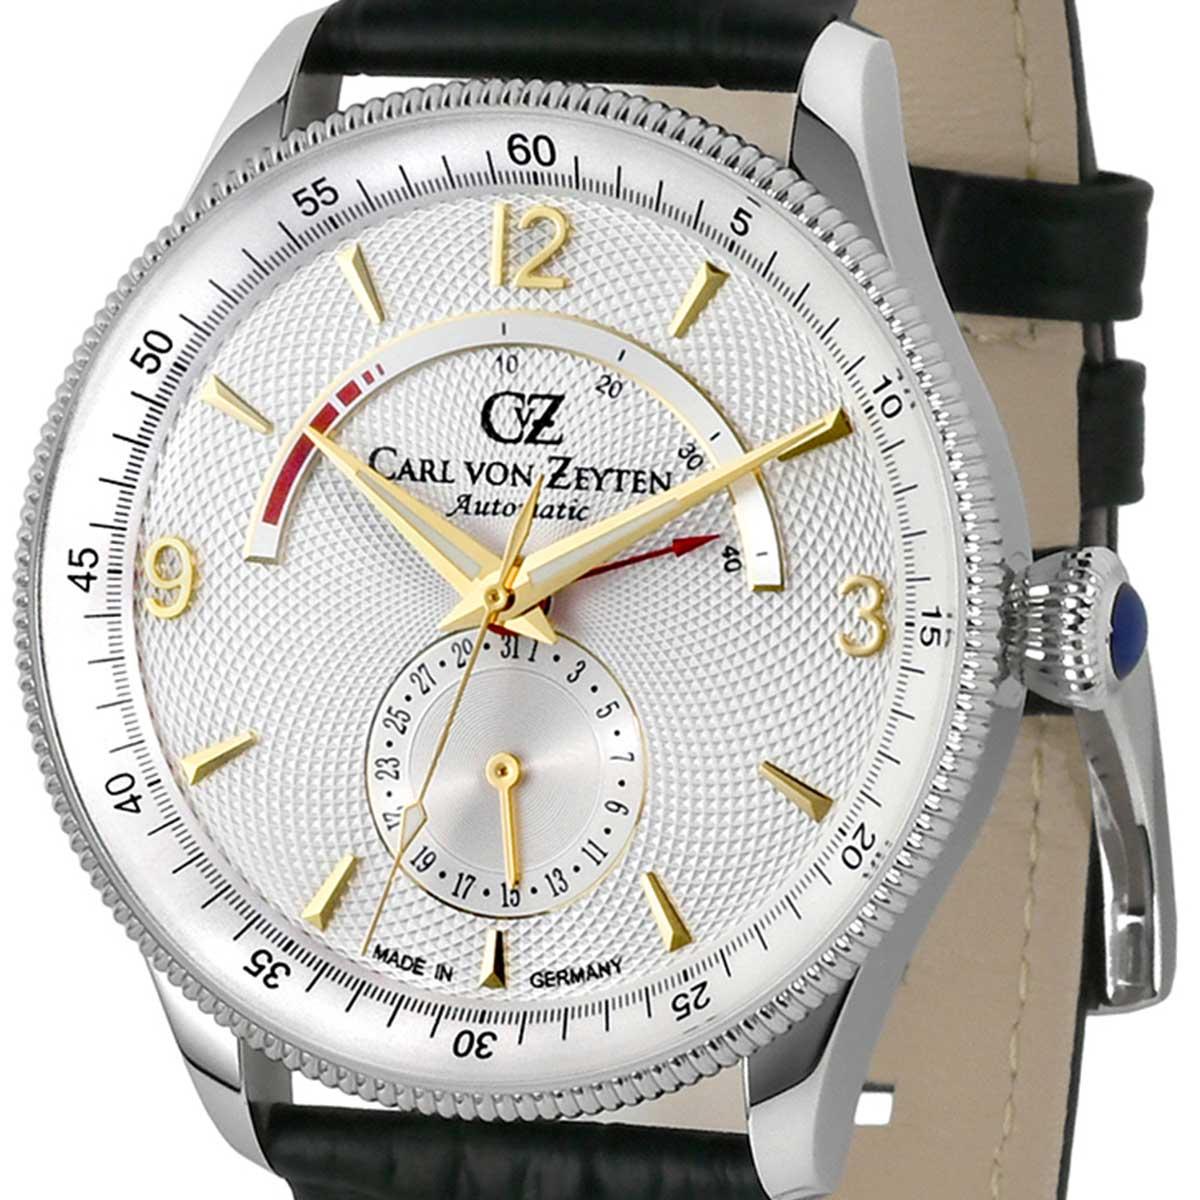 Carl von Zeyten カール・フォン・ツォイテン 自動巻き(手巻き機能あり) 腕時計 [CvZ0032WH] 並行輸入品  カレンダー パワーリザーブ